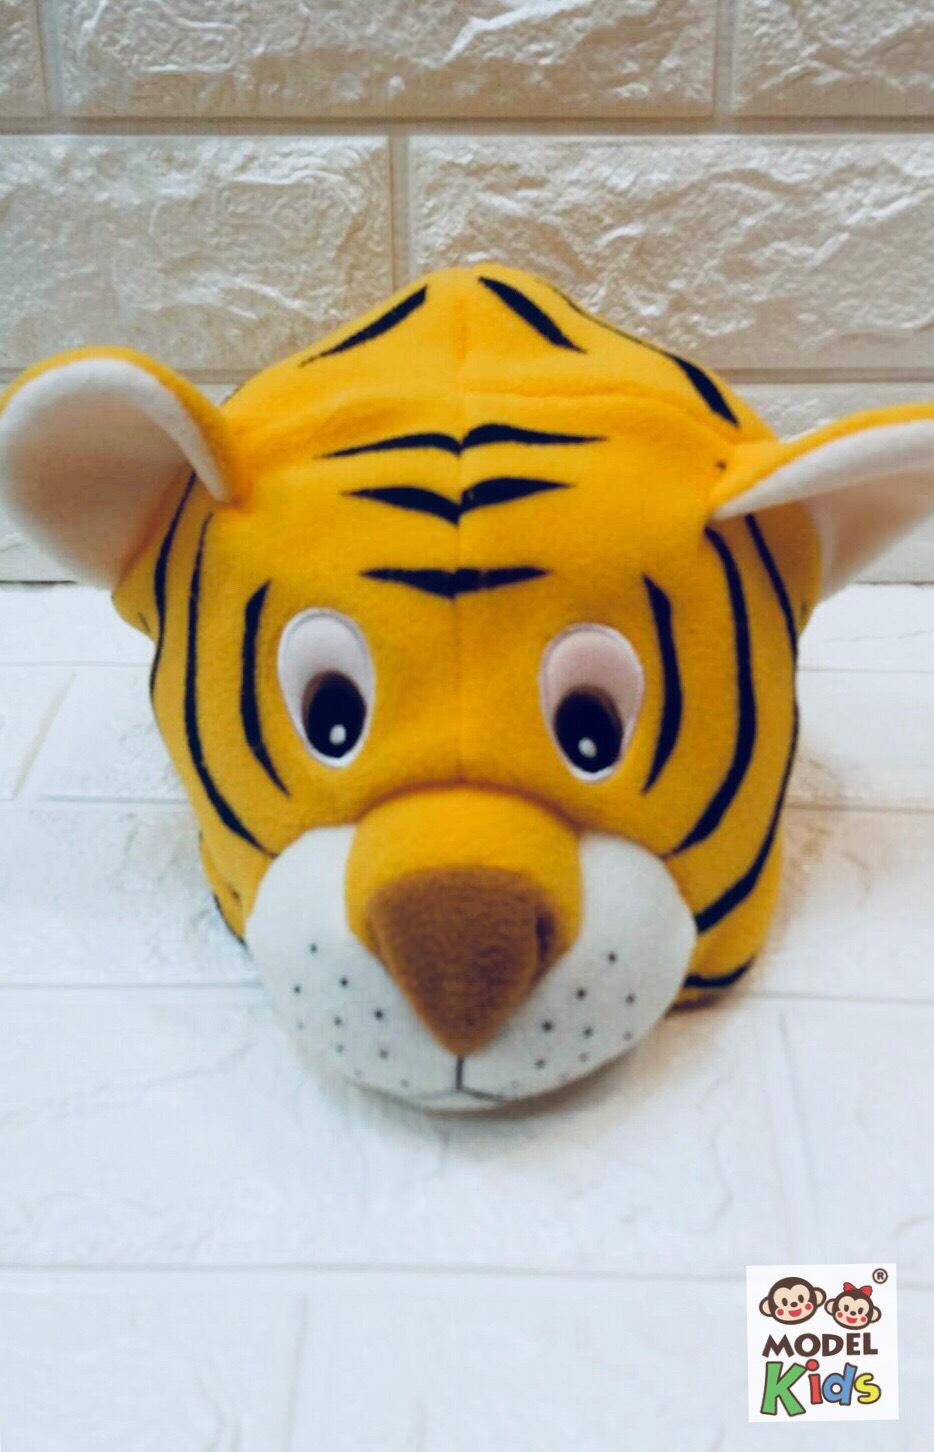 หมวกเด็กหน้าสัตว์ลายเสือโคร่ง